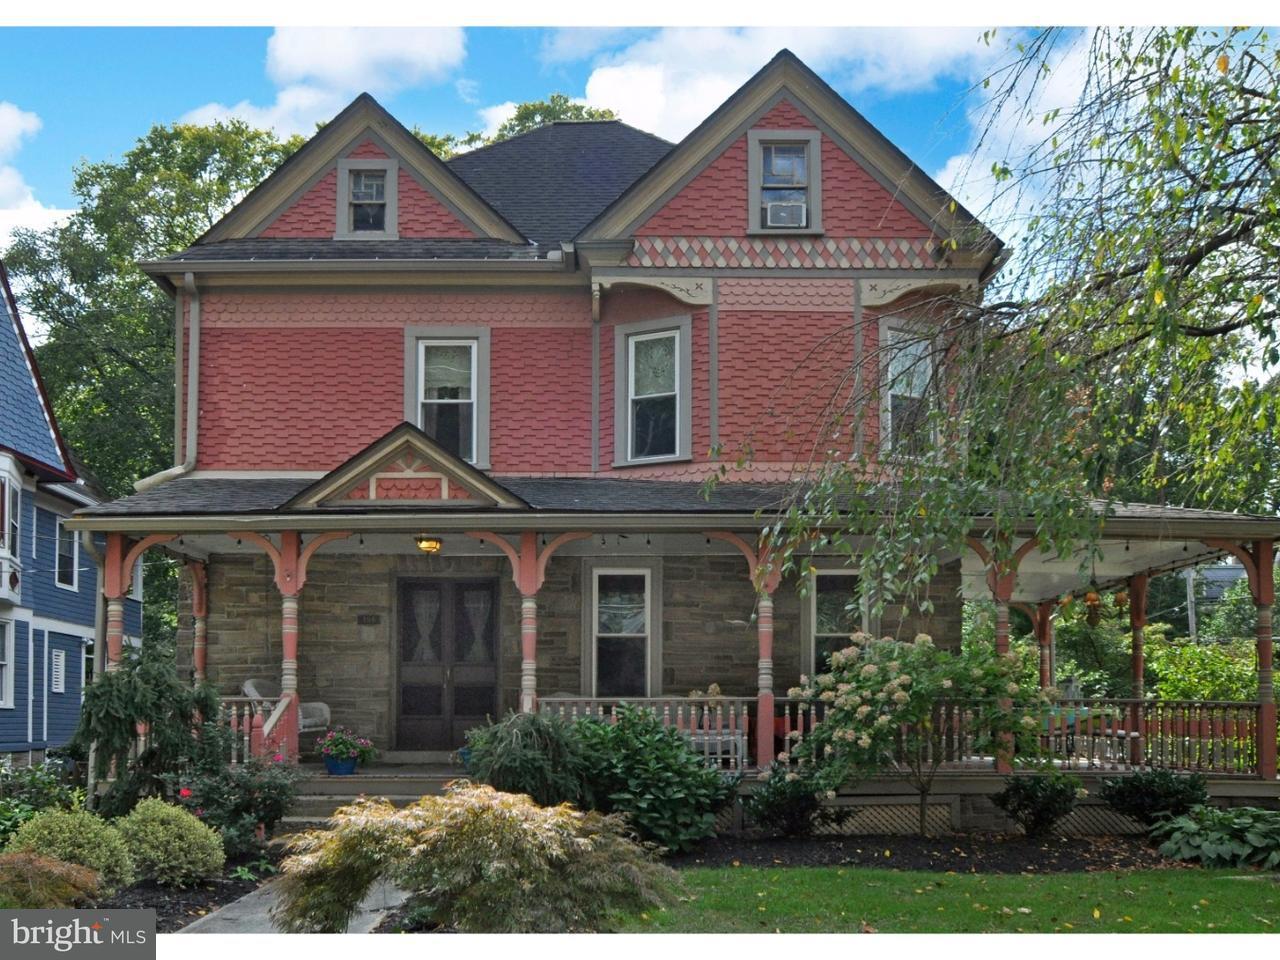 独户住宅 为 销售 在 156 GREENWOOD Avenue 温科特, 宾夕法尼亚州 19095 美国